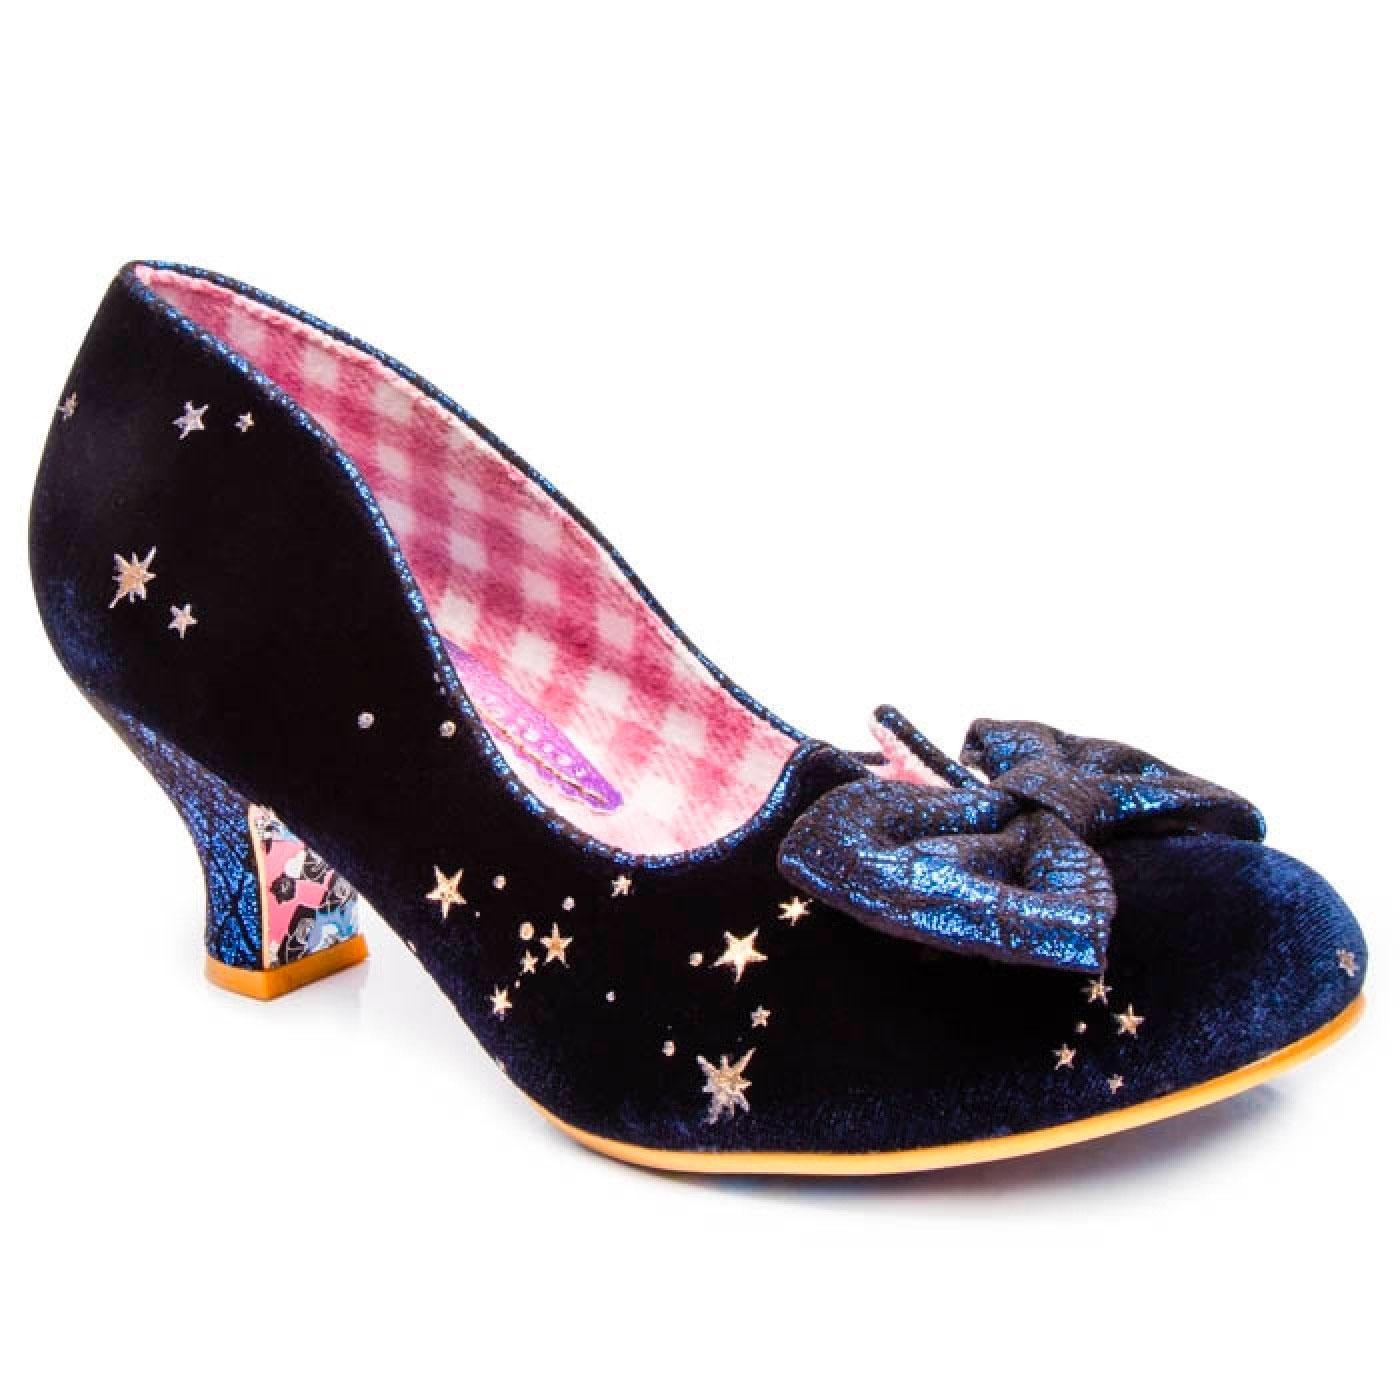 Dazzle Razzle IRREGULAR CHOICE Blue Velvet Shoes